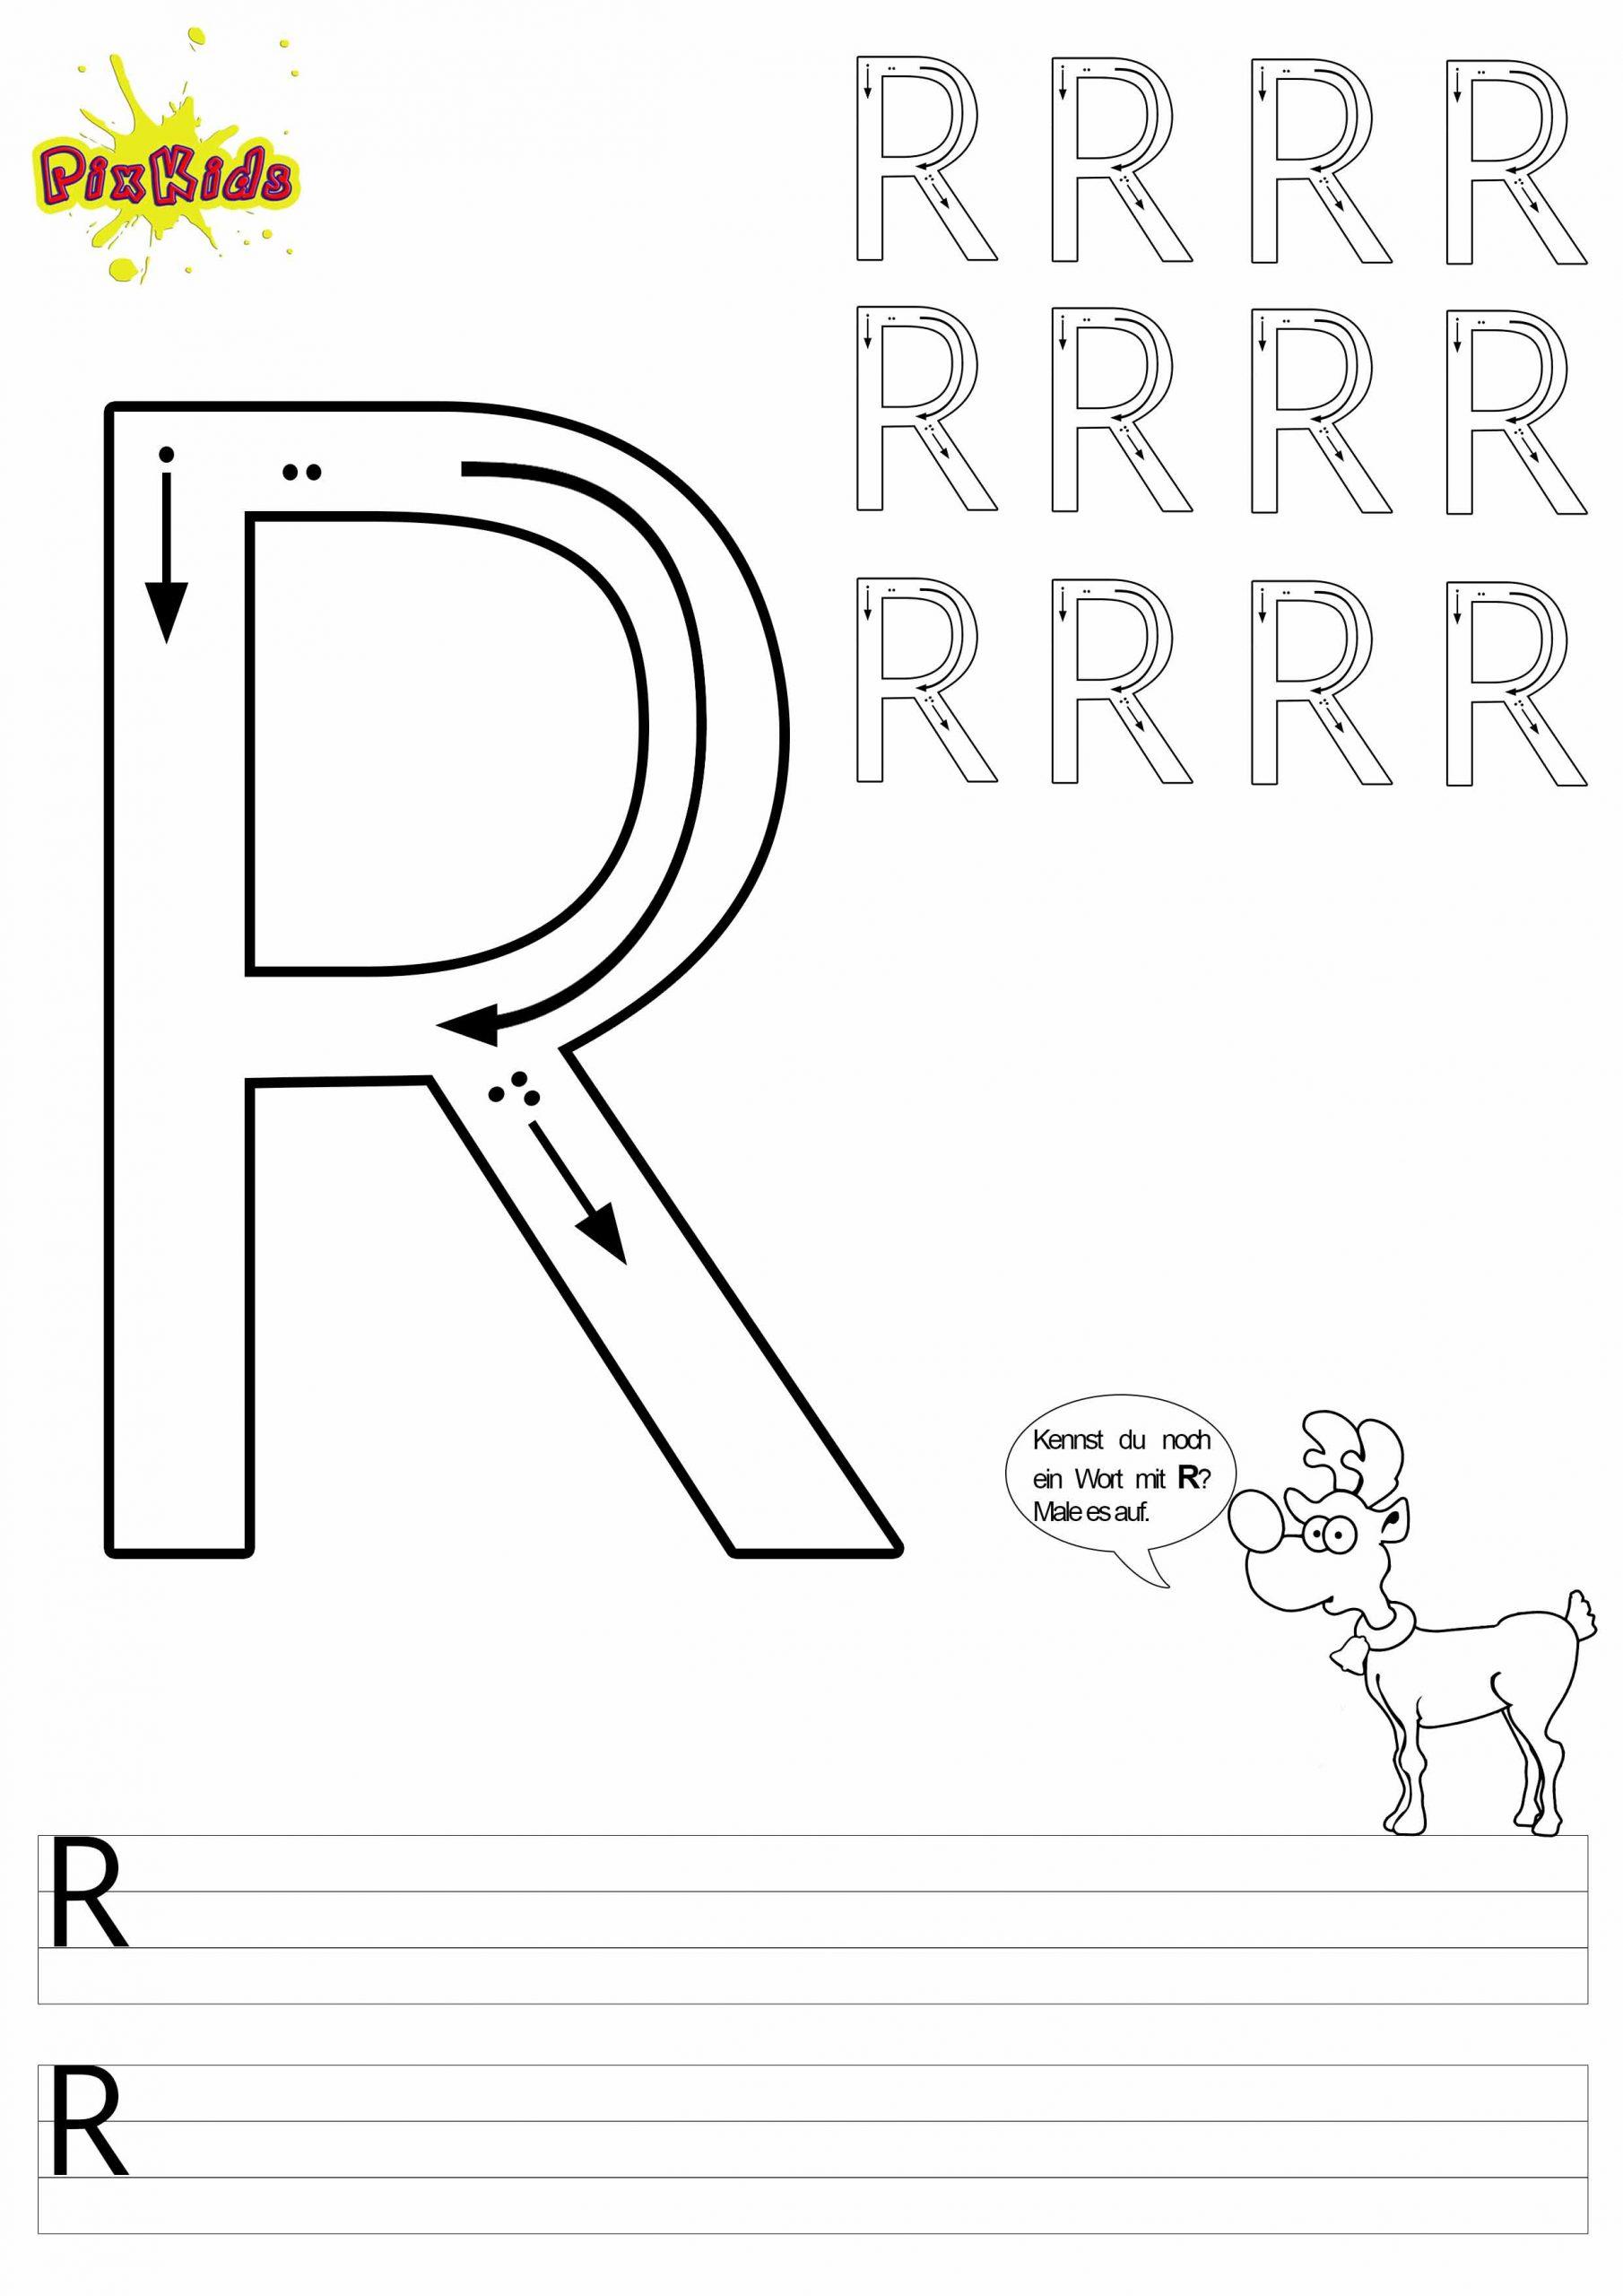 Buchstaben Schreiben Lernen - Buchstaben Zum Ausmalen mit Buchstaben Ausdrucken Gratis